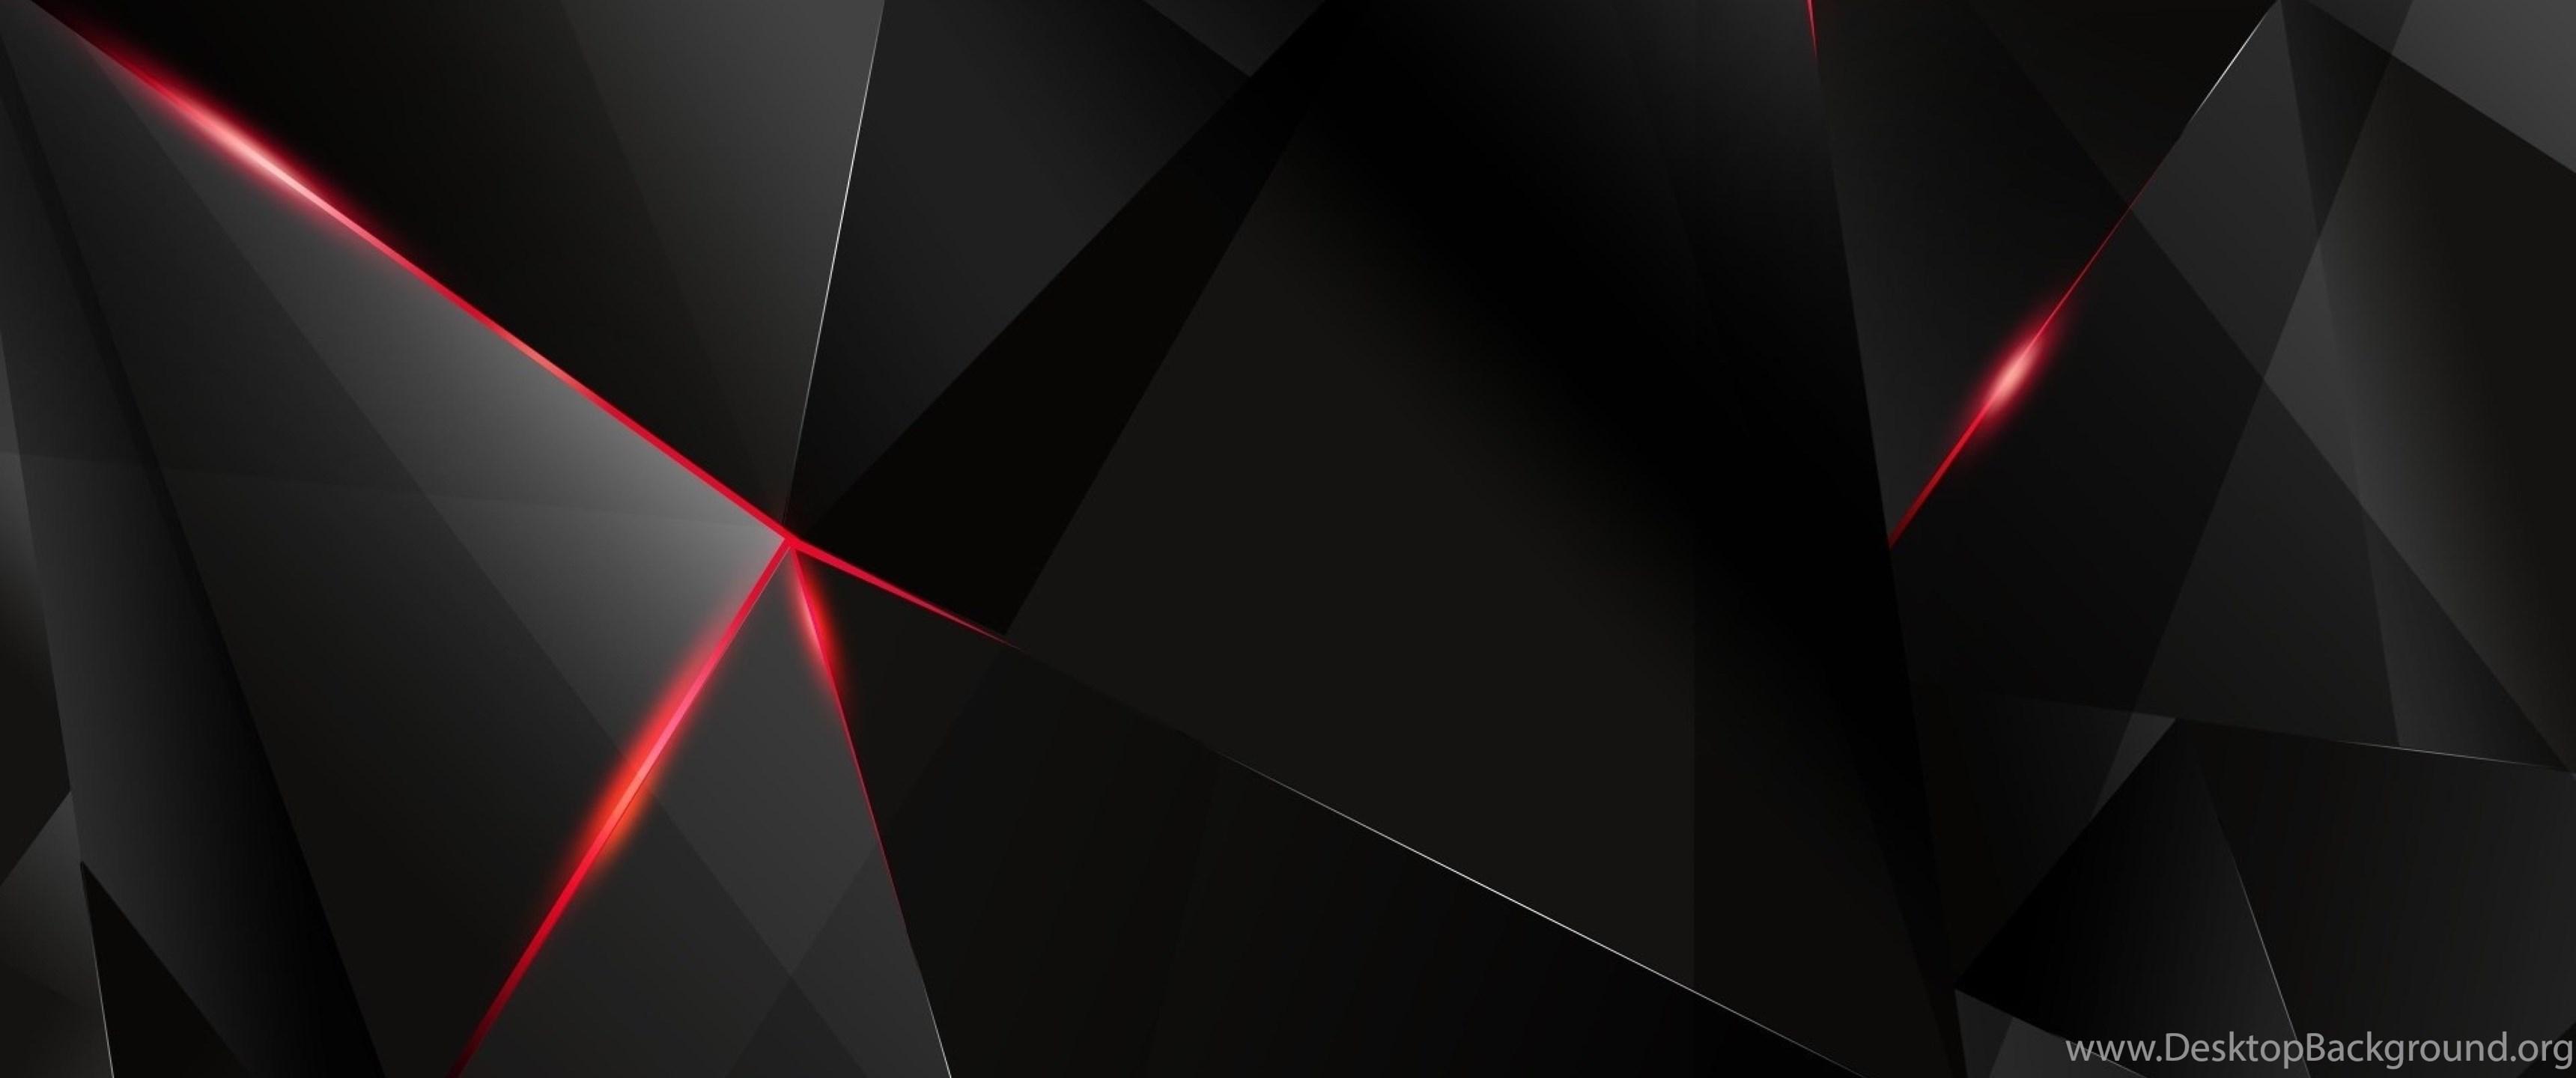 4k ultra hd black wallpapers hd desktop backgrounds - 4k ultra hd wallpapers for desktop ...